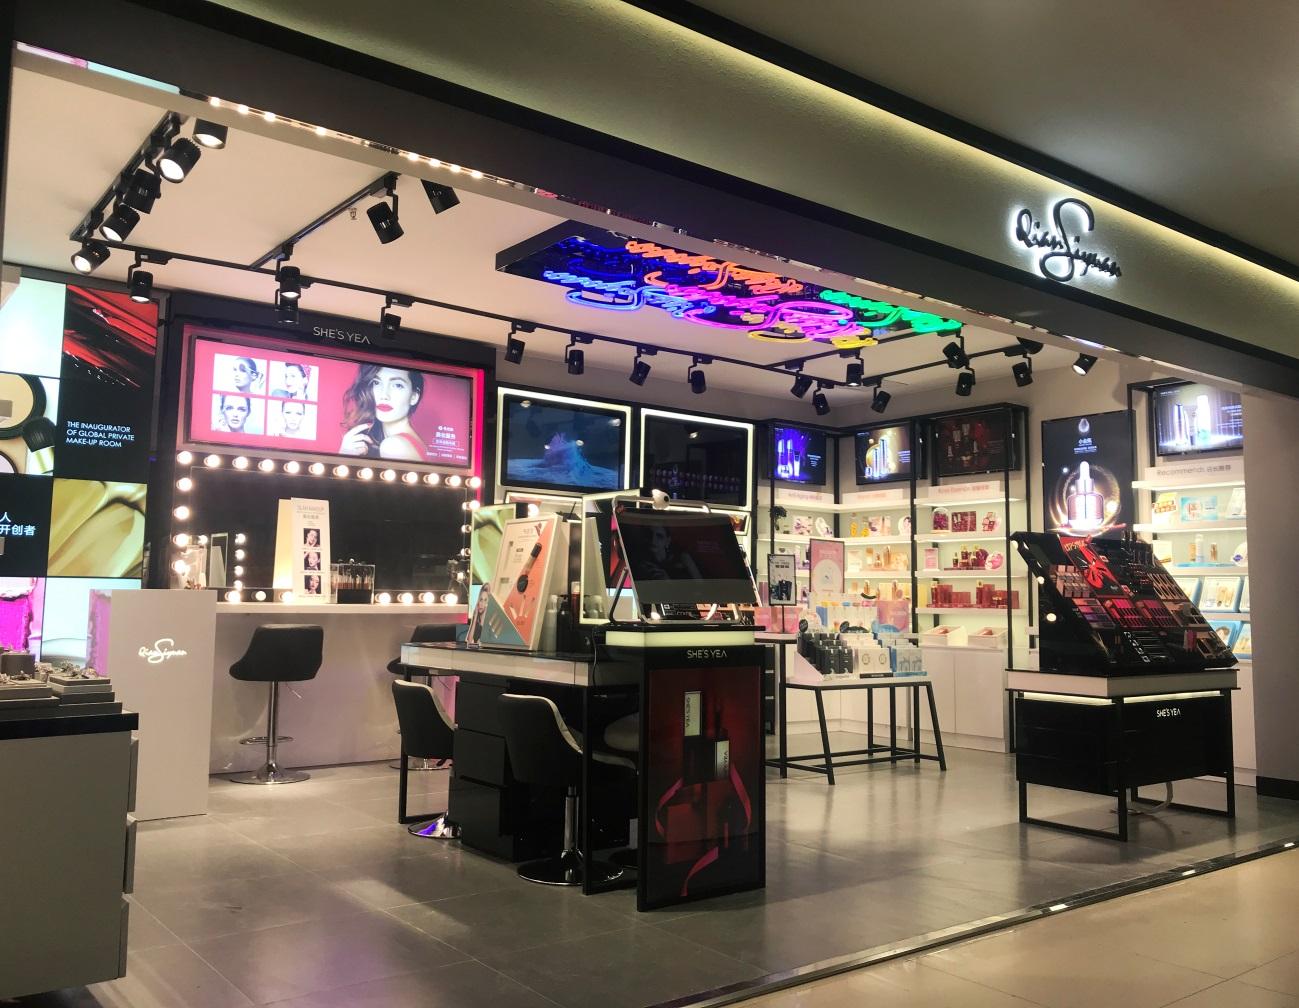 仟丝缘最新门店形象7.1版面世 品牌升级正式启动